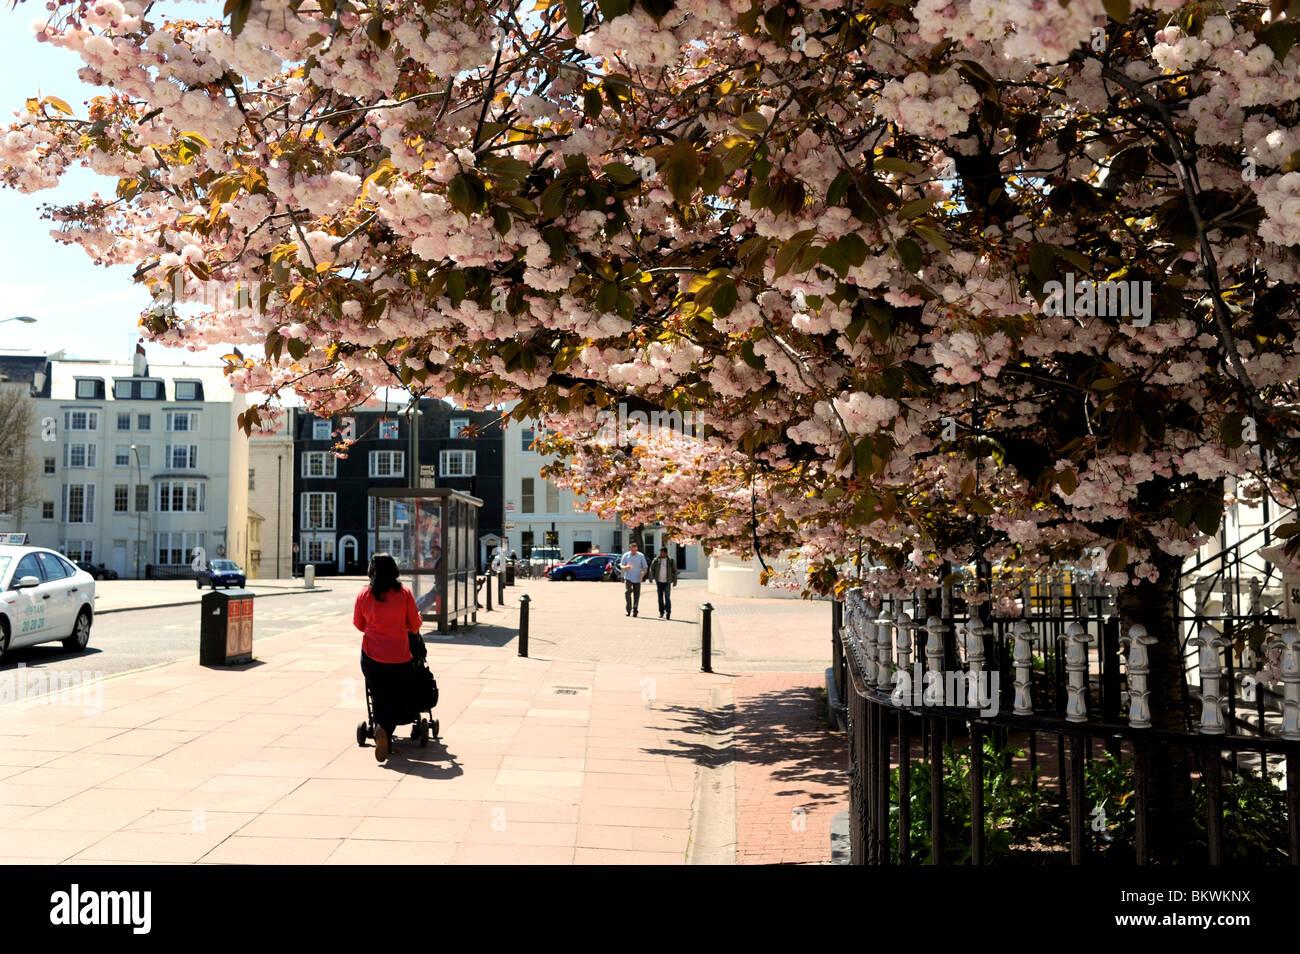 Fleur de cerisier en fleurs dans le centre-ville de Brighton au printemps UK Banque D'Images